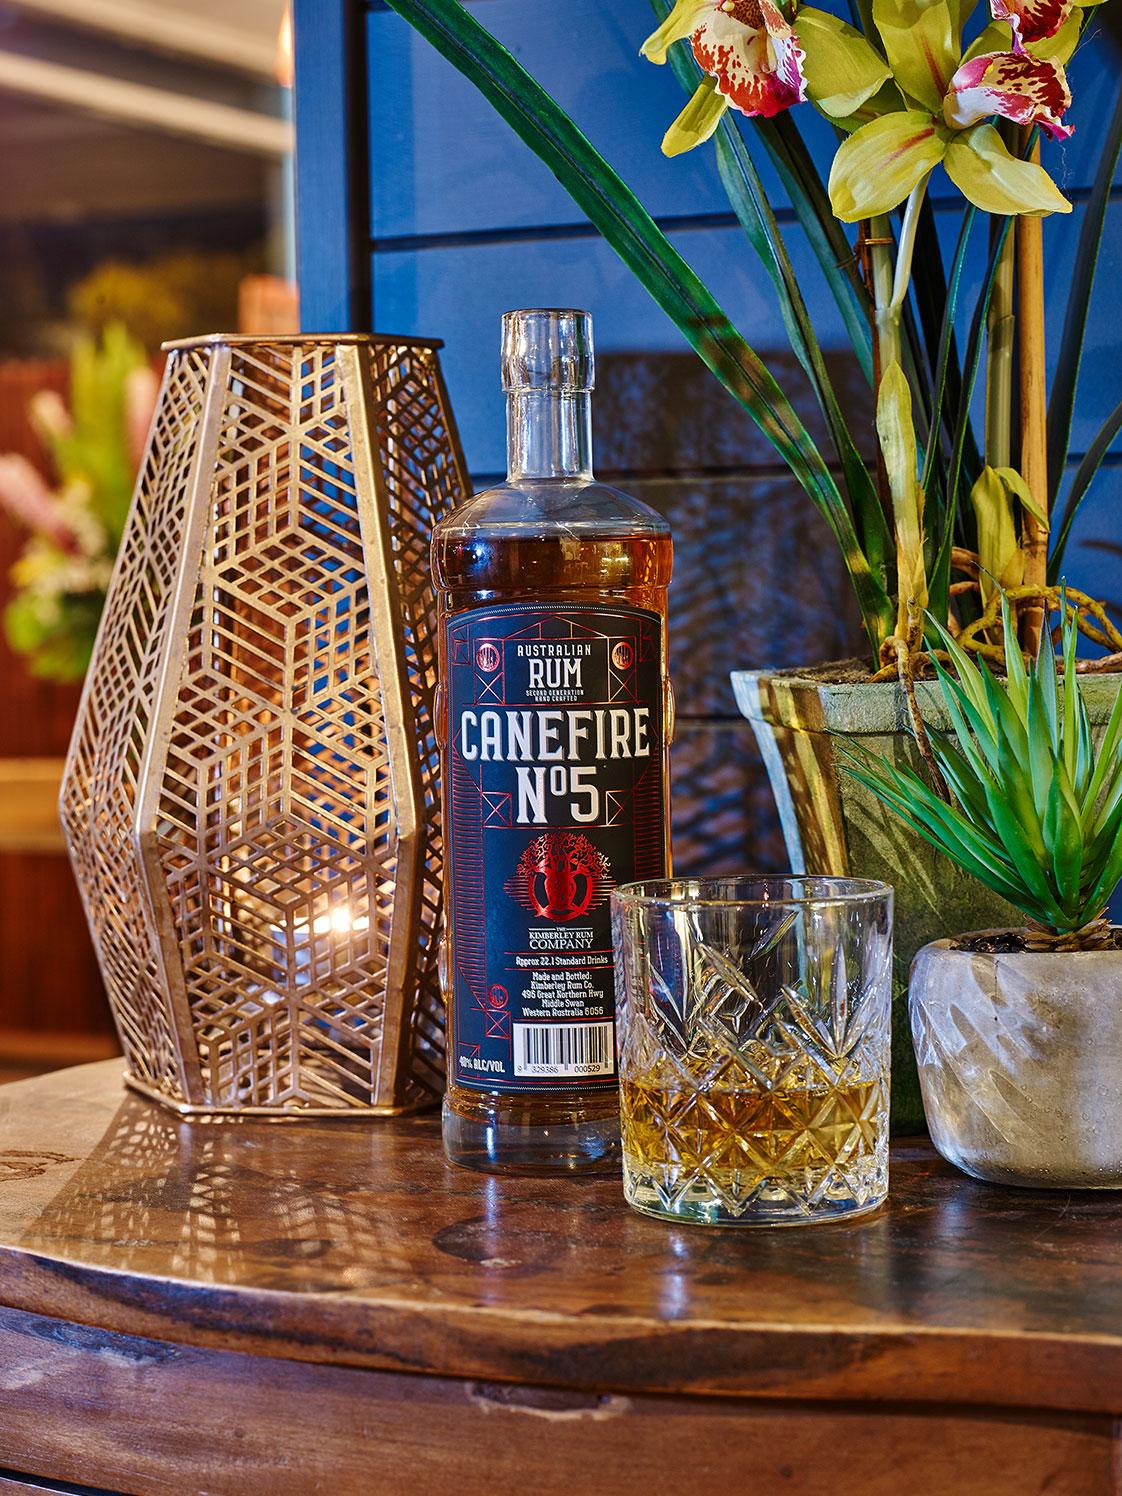 Kimberley Rum Company's Gold Rush